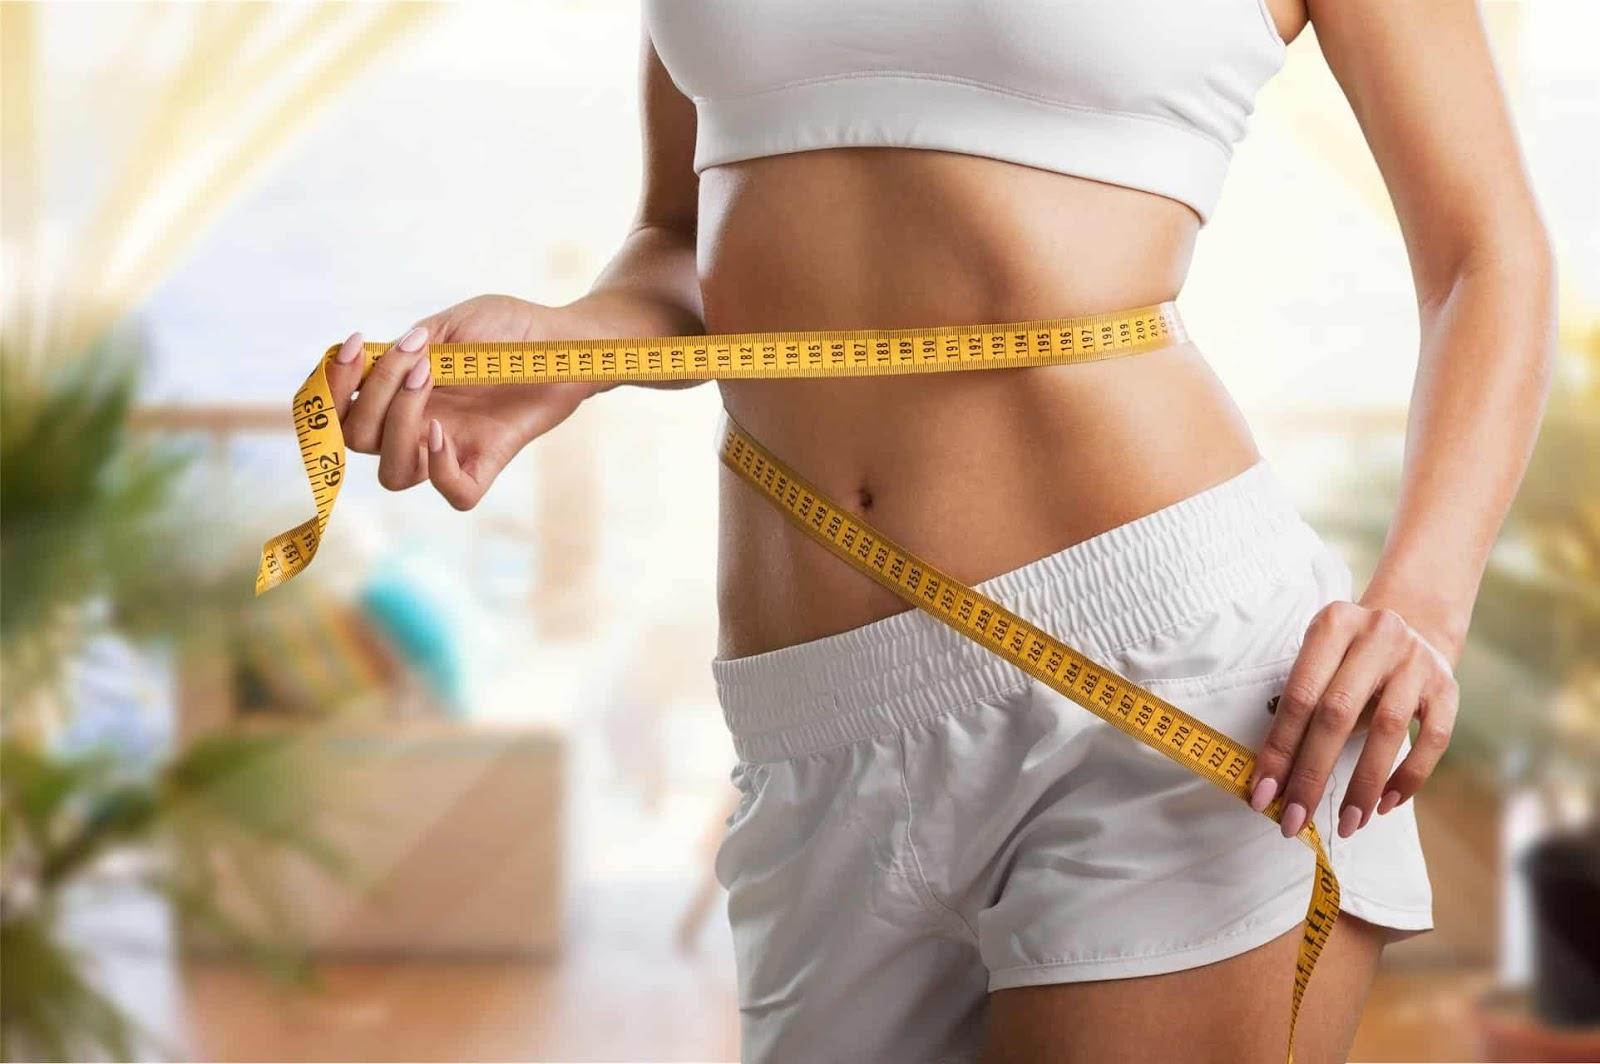 Tiffani S Lankford - Fitness